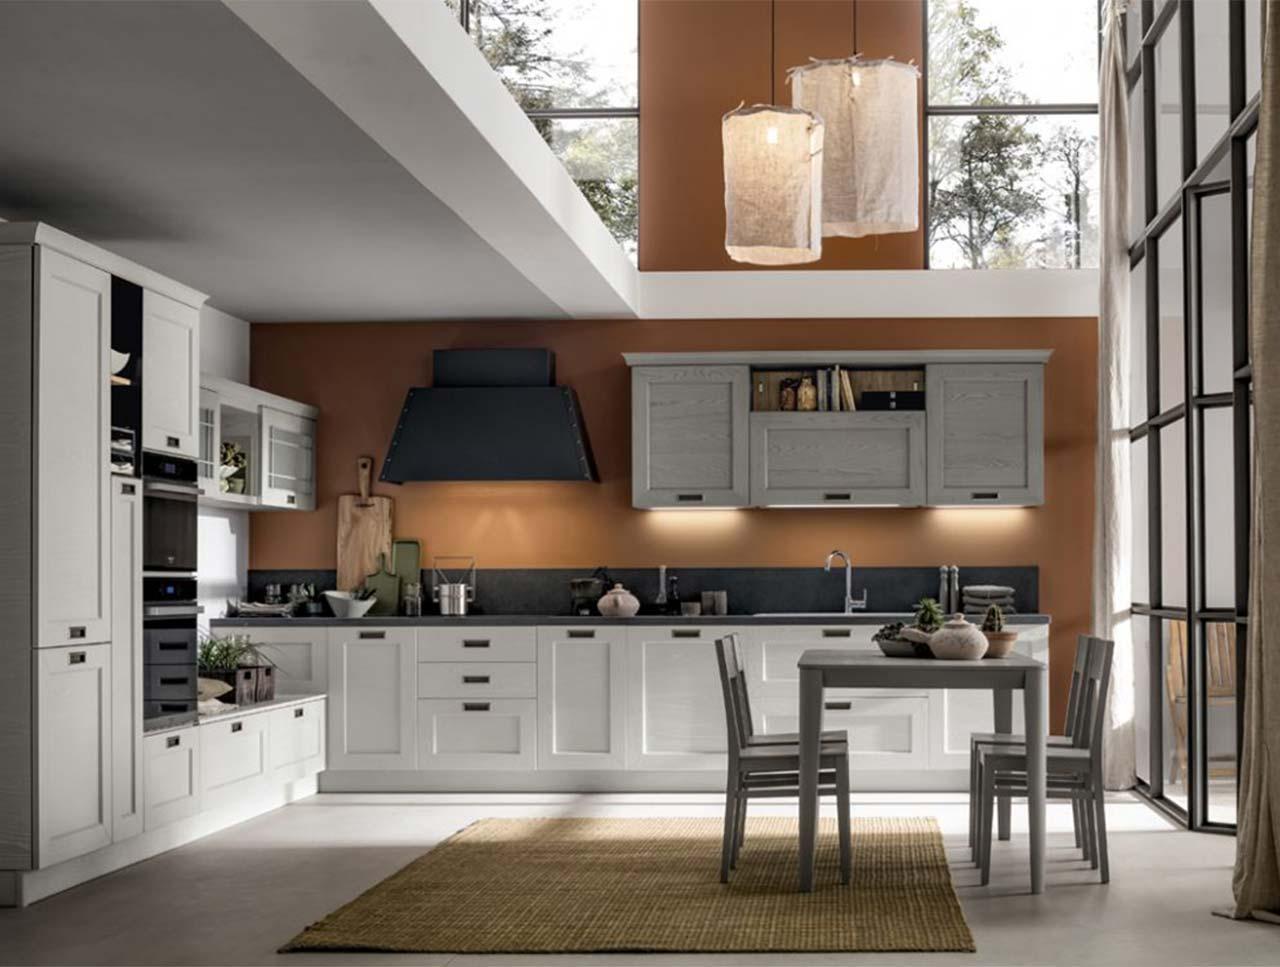 framobil cucina contemporanea AR1710001